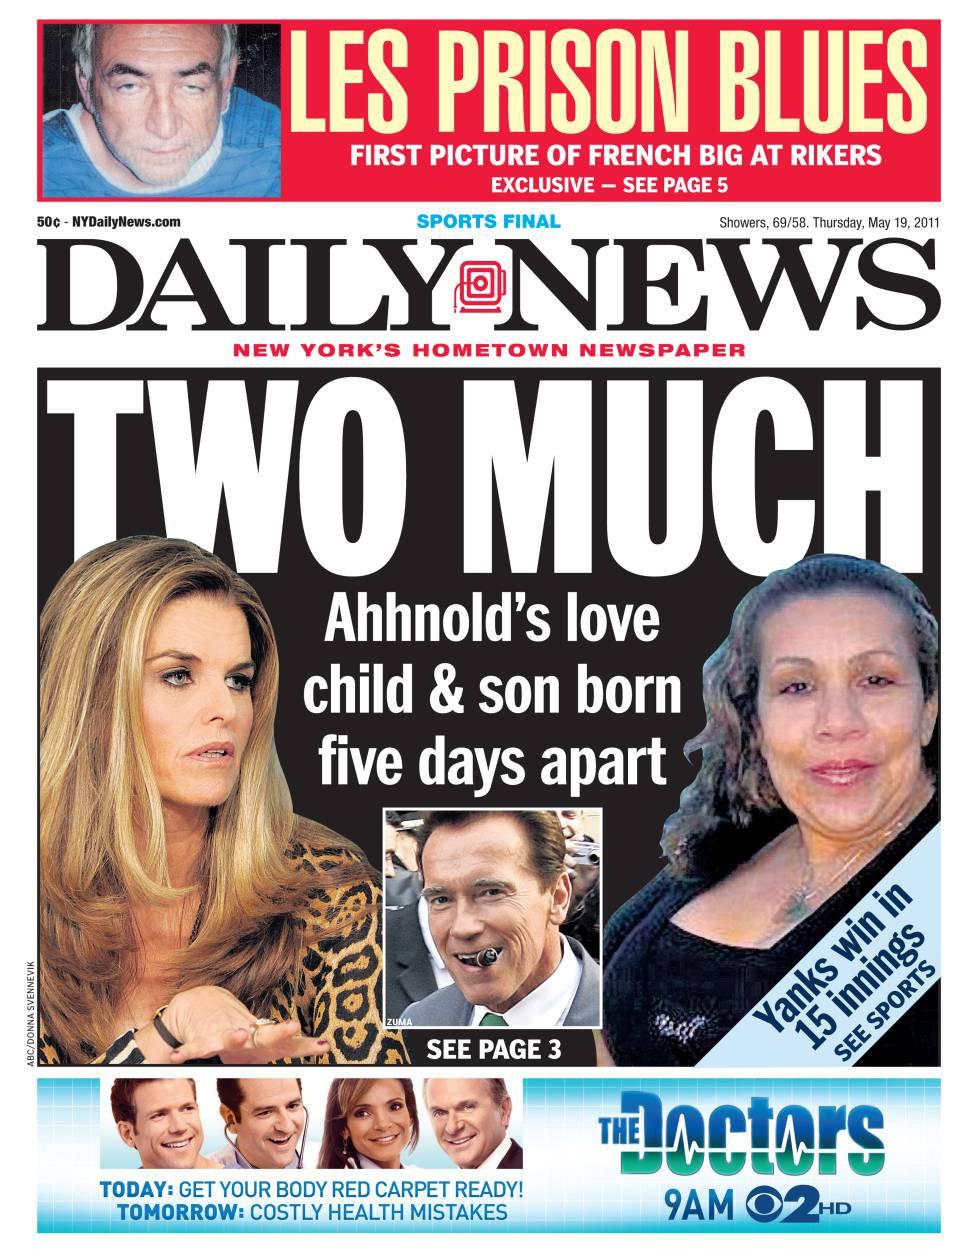 Esta portada del tabloide Daily News mostraba a las dos mujeres en la vida de Arnold con un titular que hacía un juego de palabras en inglés con la palabra dos (en relación a las mujeres) y